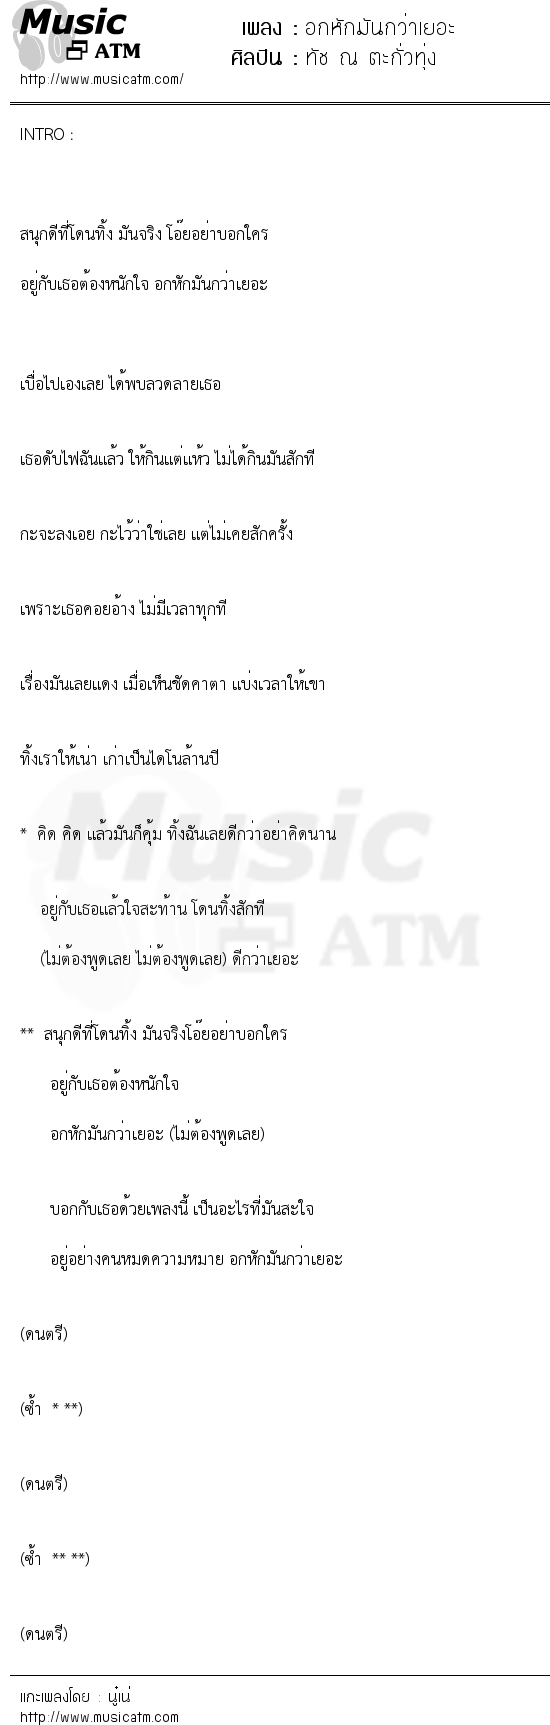 เนื้อเพลง อกหักมันกว่าเยอะ - ทัช ณ ตะกั่วทุ่ง   เพลงไทย